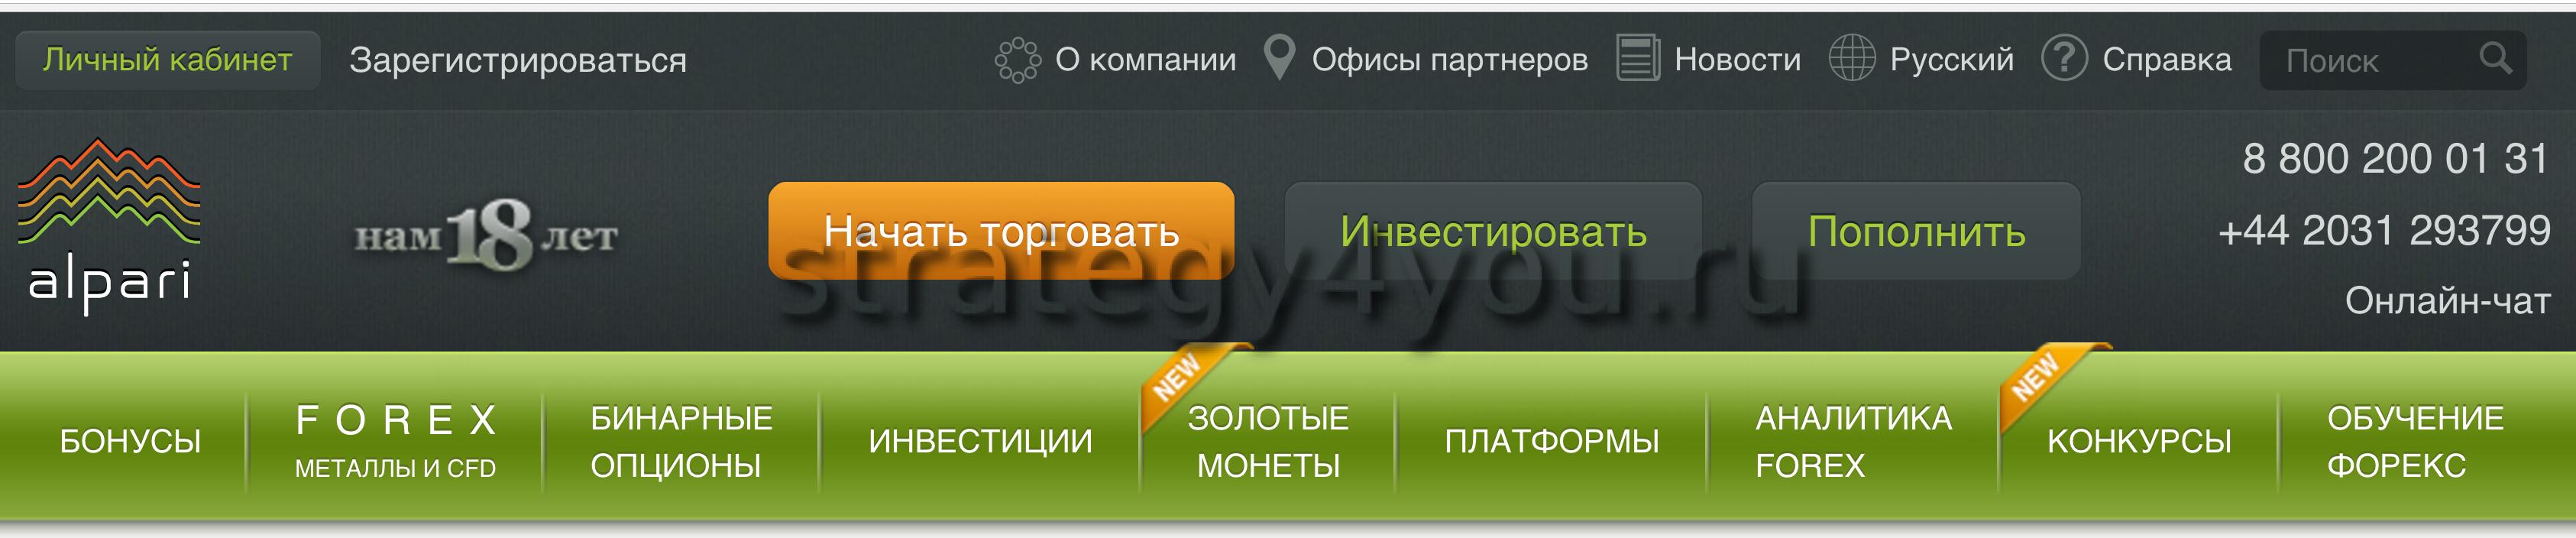 Ткрытие виртуального счета в forex от чего зависит курс криптовалюты